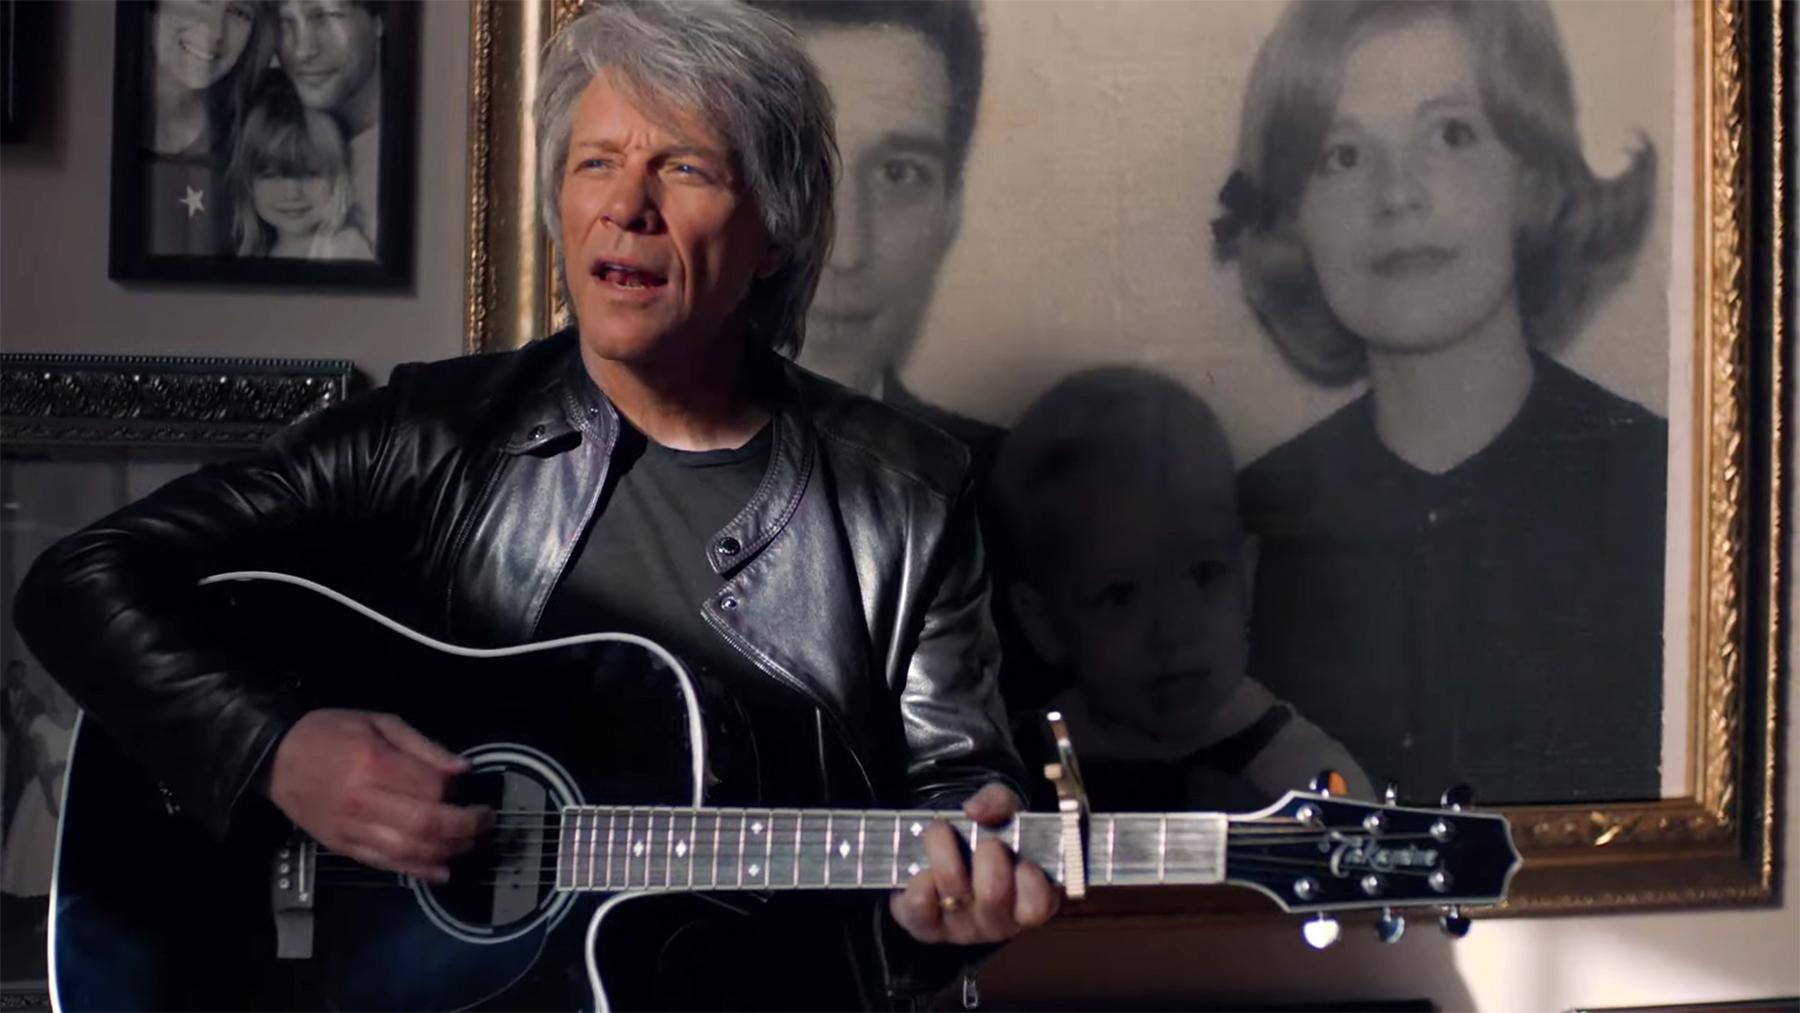 <p>Jon Bon Jovi Honors His Family in'Story of Love' Video thumbnail